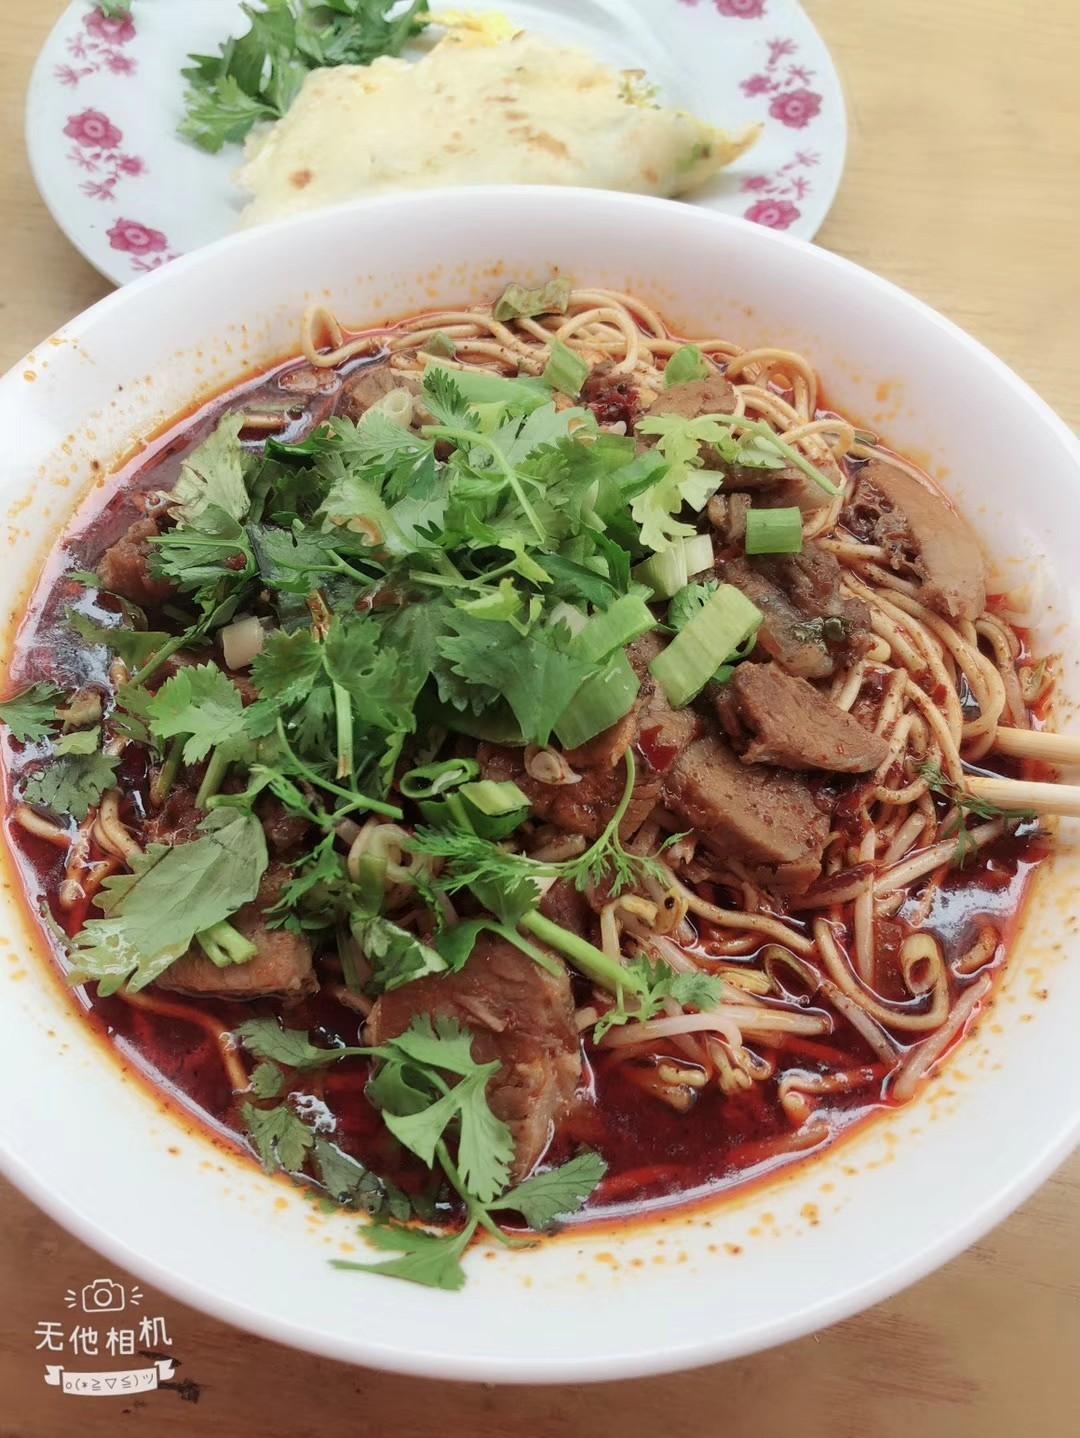 【好吃】武汉哪里有正宗一点的襄阳牛肉面?求推荐!